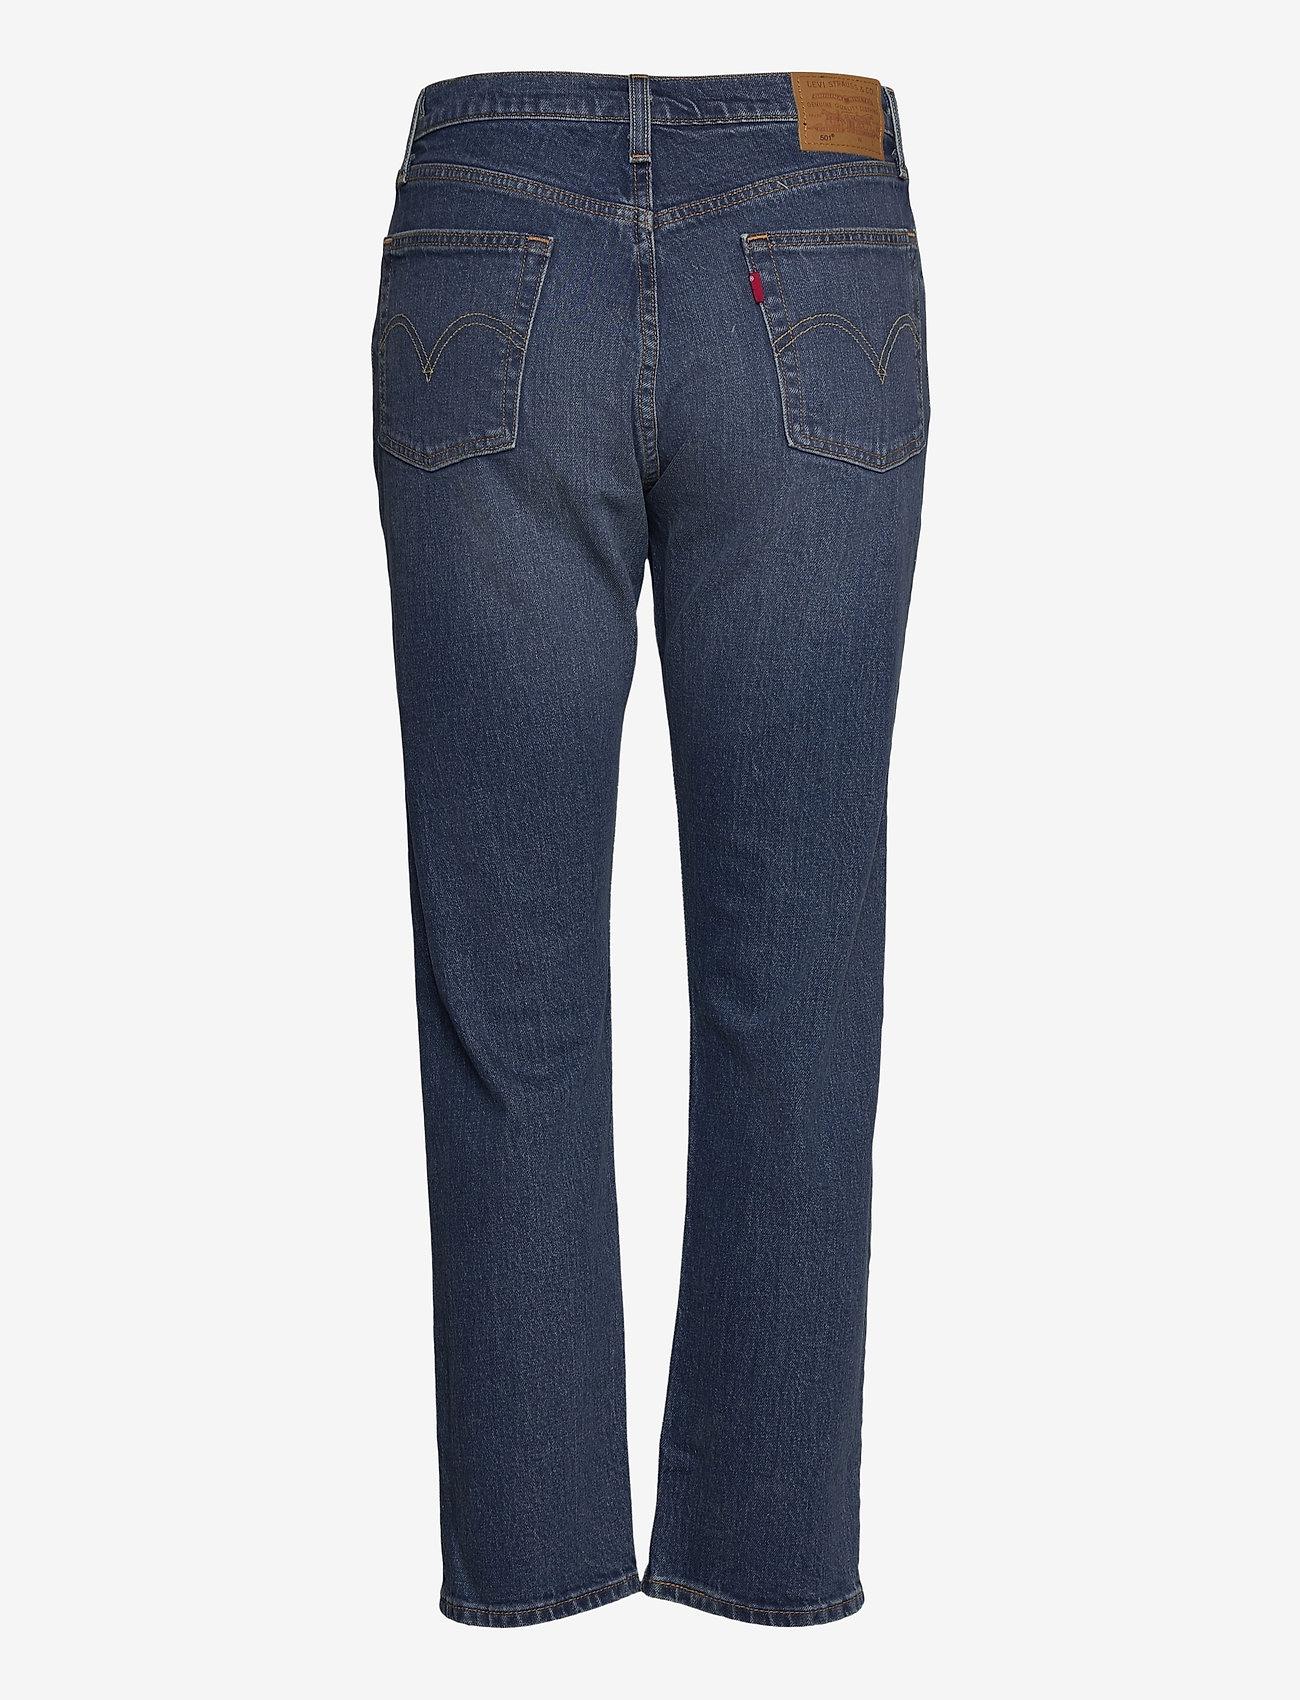 LEVI´S Women - 501 CROP SALSA CHARLESTON OUTL - straight regular - dark indigo - worn in - 1